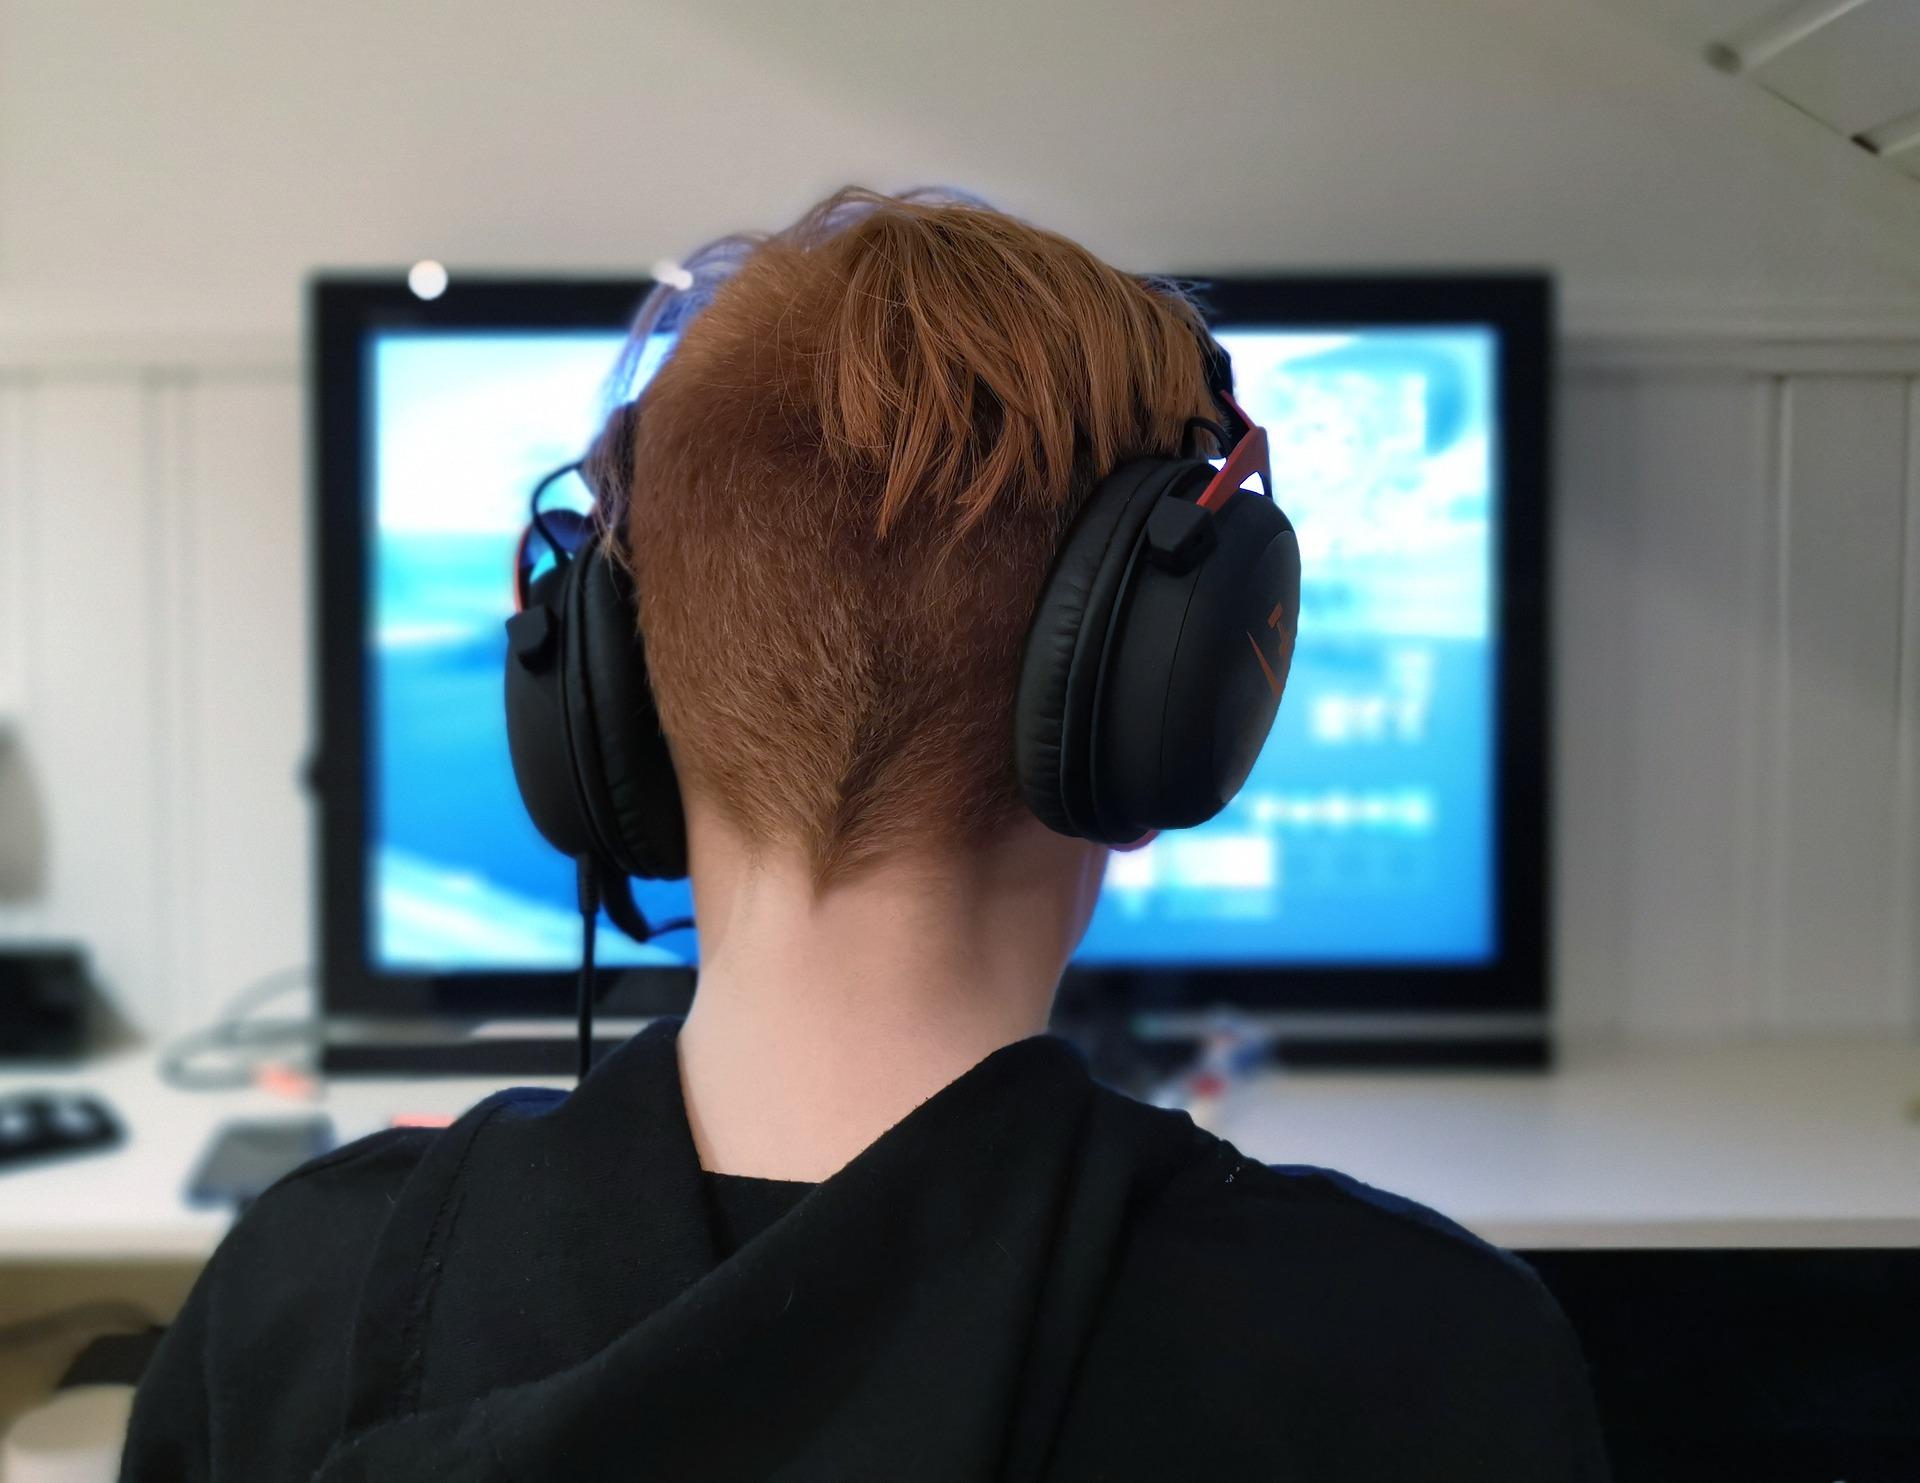 El crecimiento de los servicios de streaming